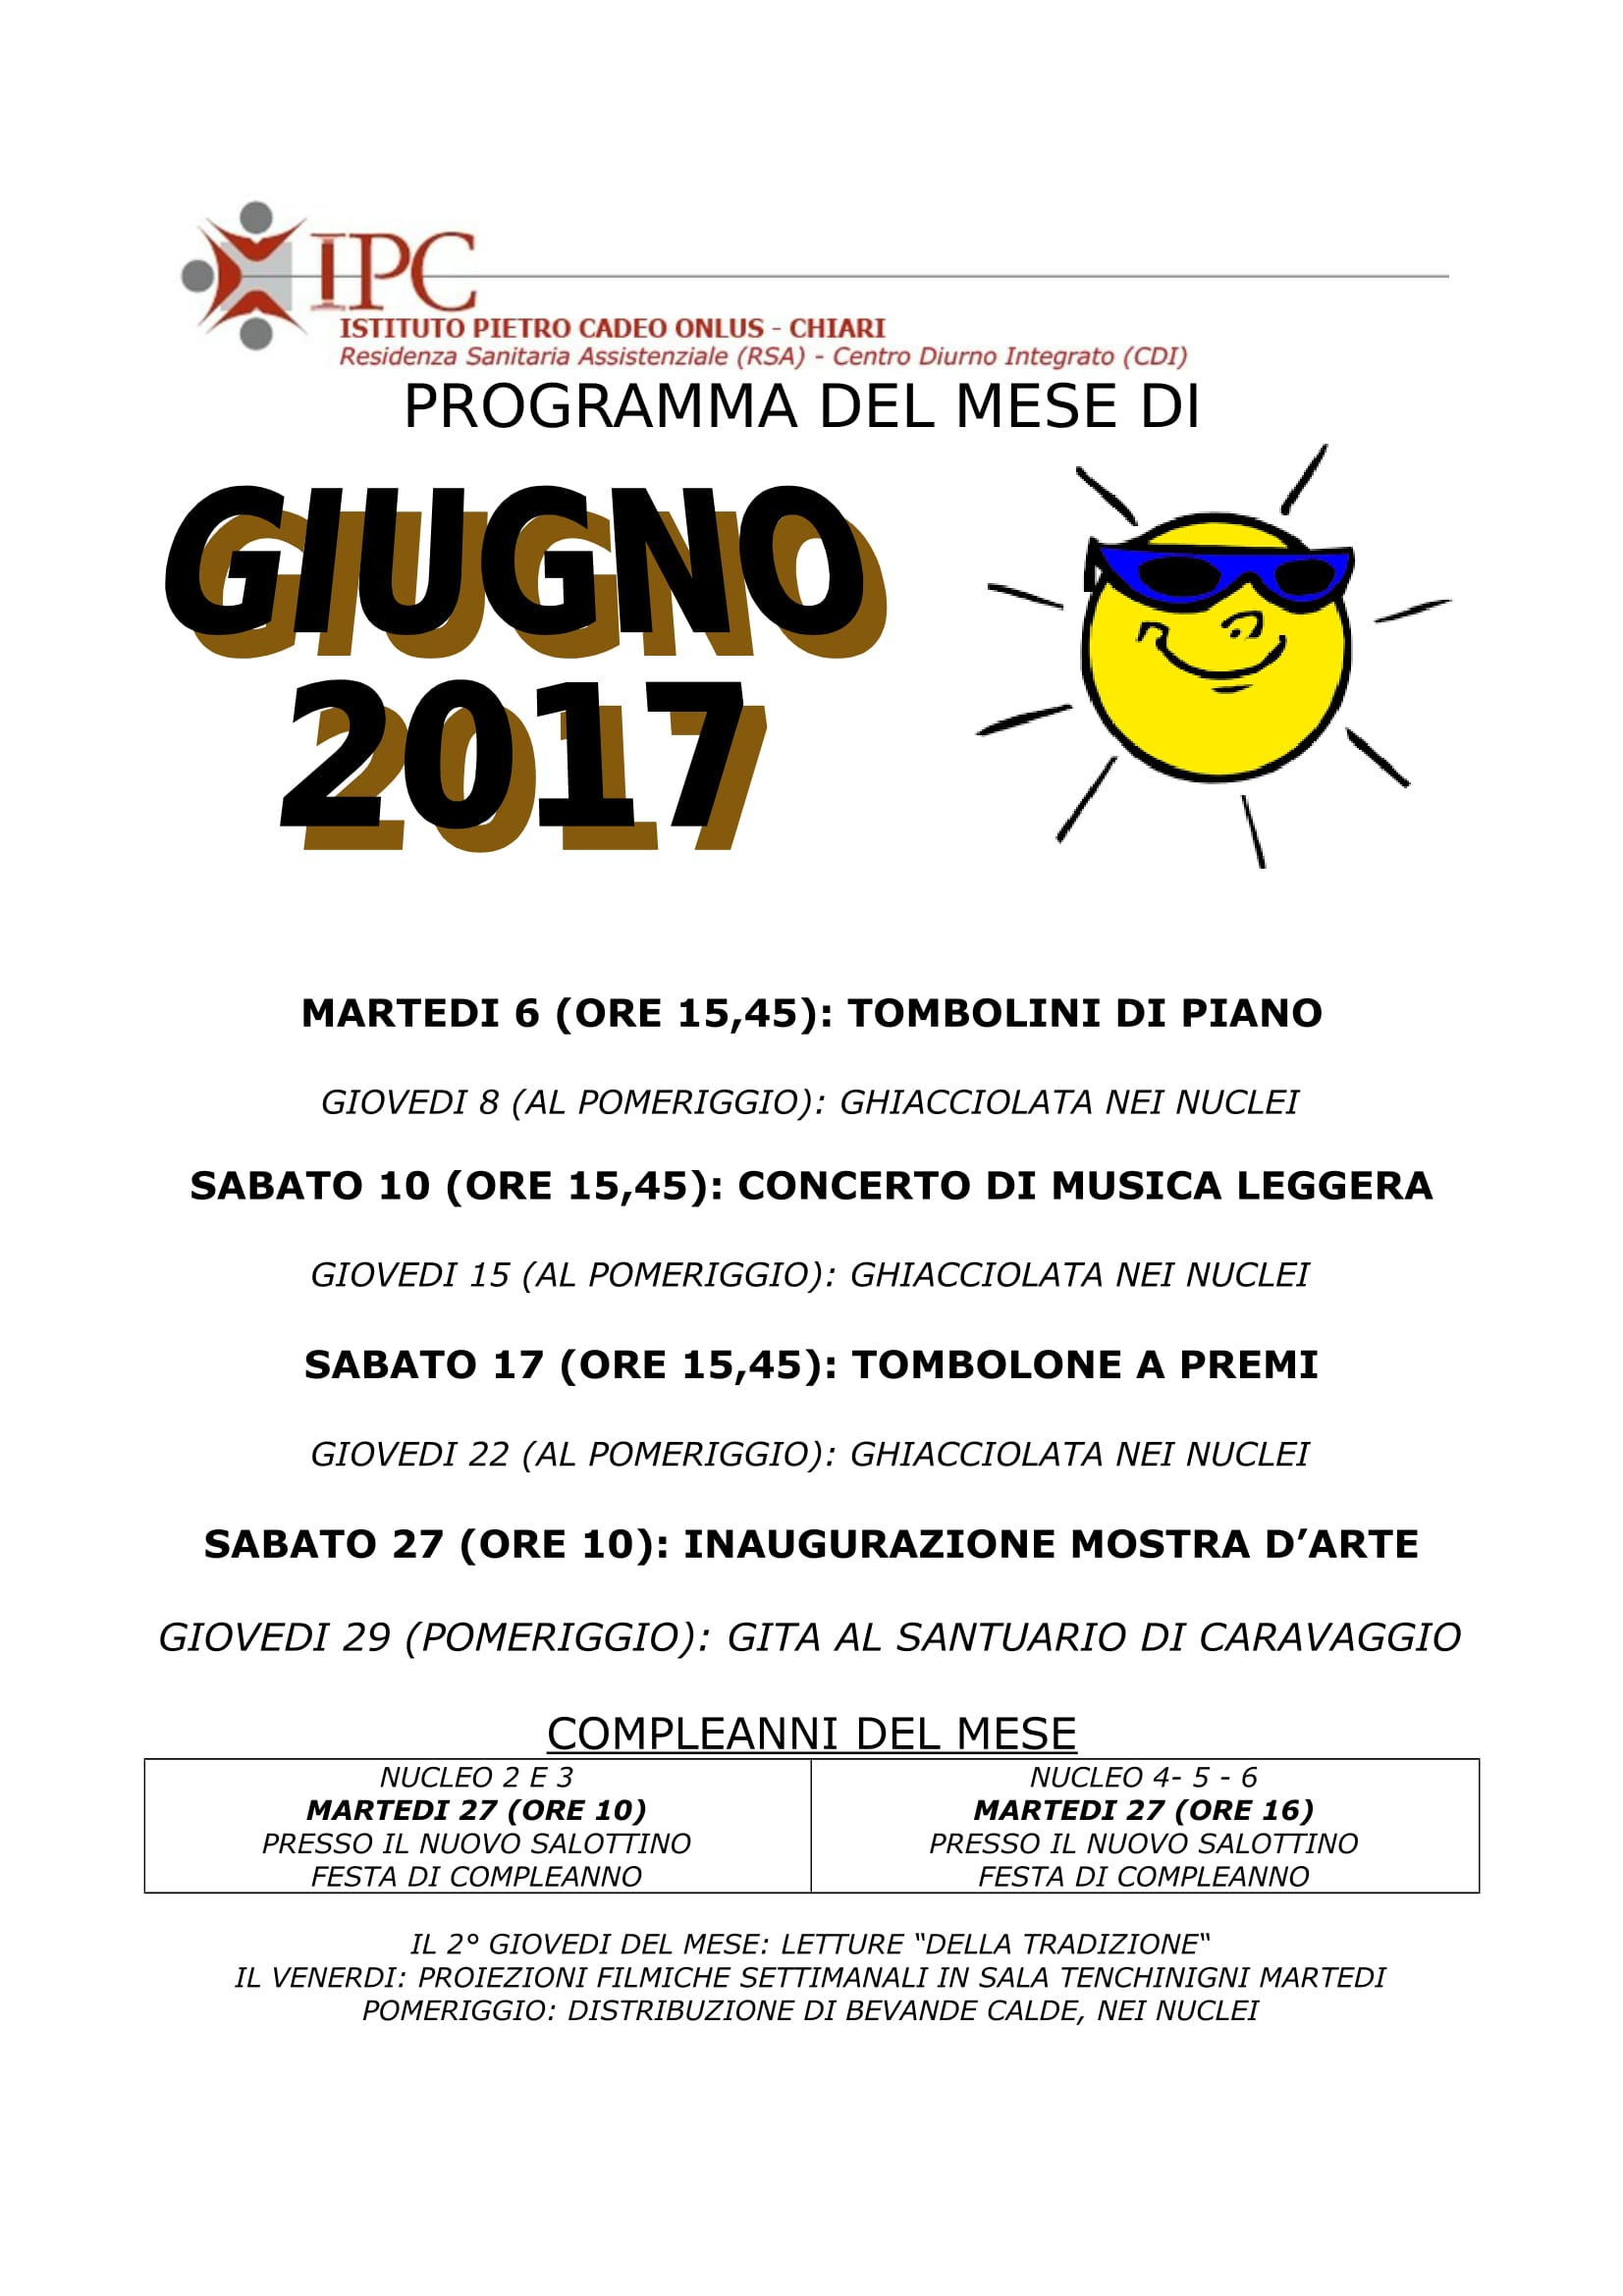 PROGRAMMA GIUGNO 2017-1